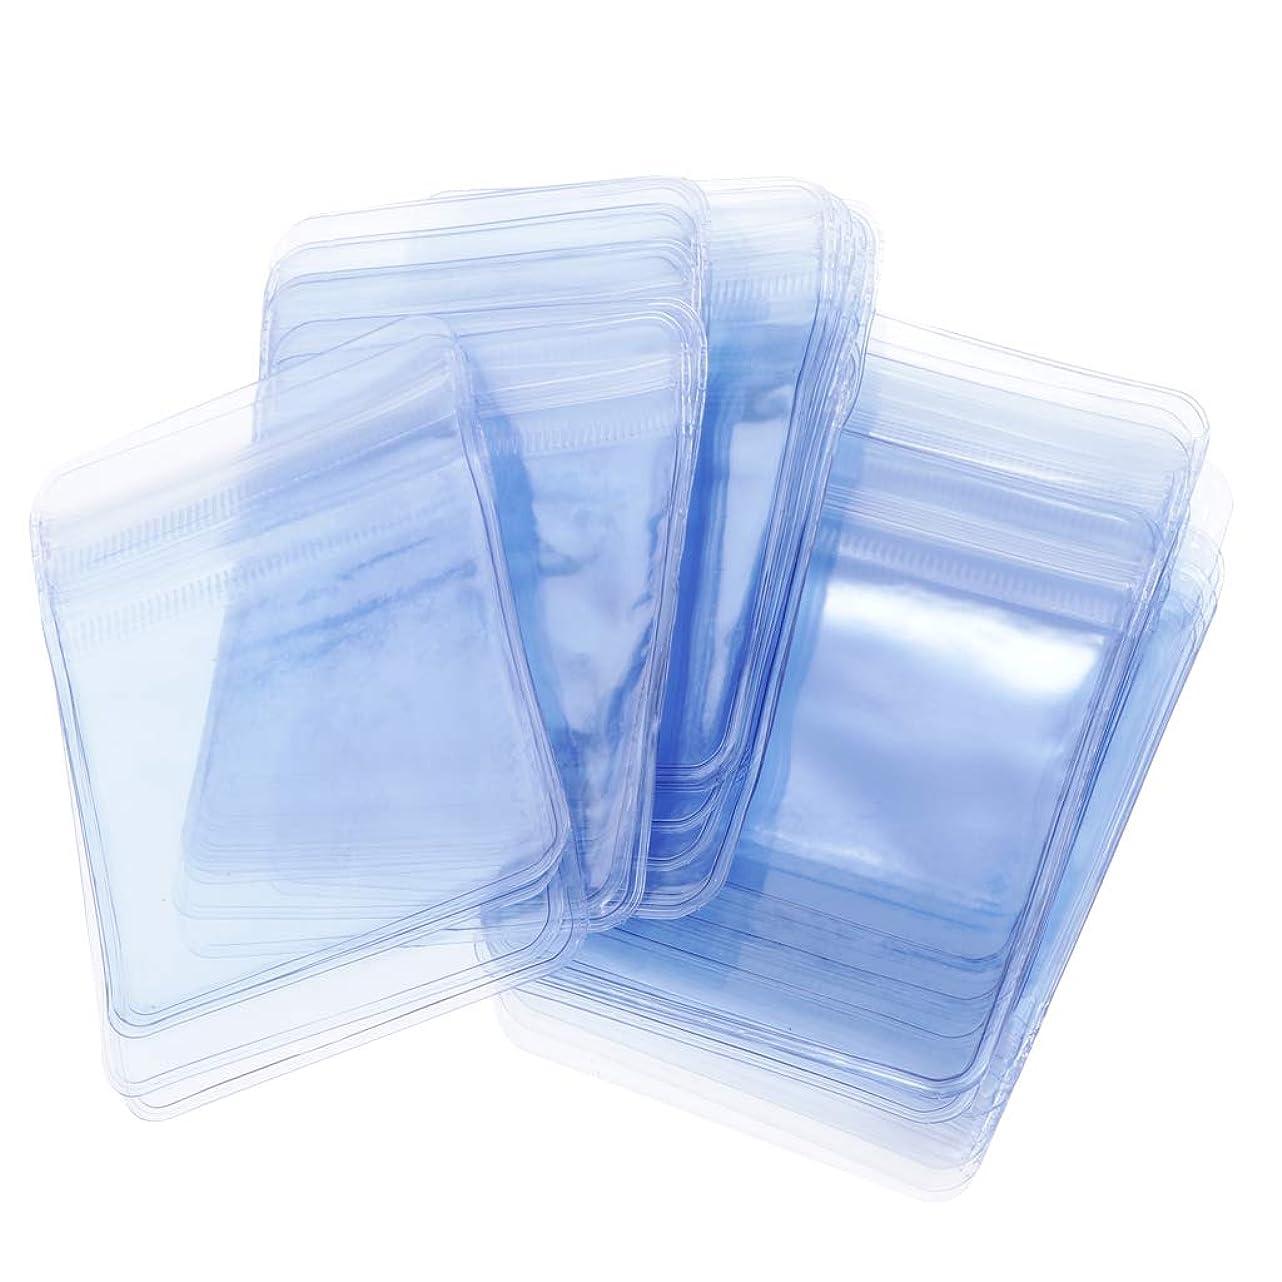 比類のない市長残酷B Baosity 約100枚/セット ラッピング袋 透明ポリ袋 保存袋 小分け 収納袋 ビーズ アクセサリー ギフトバッグ 全3サイズ - 5cm*7cm